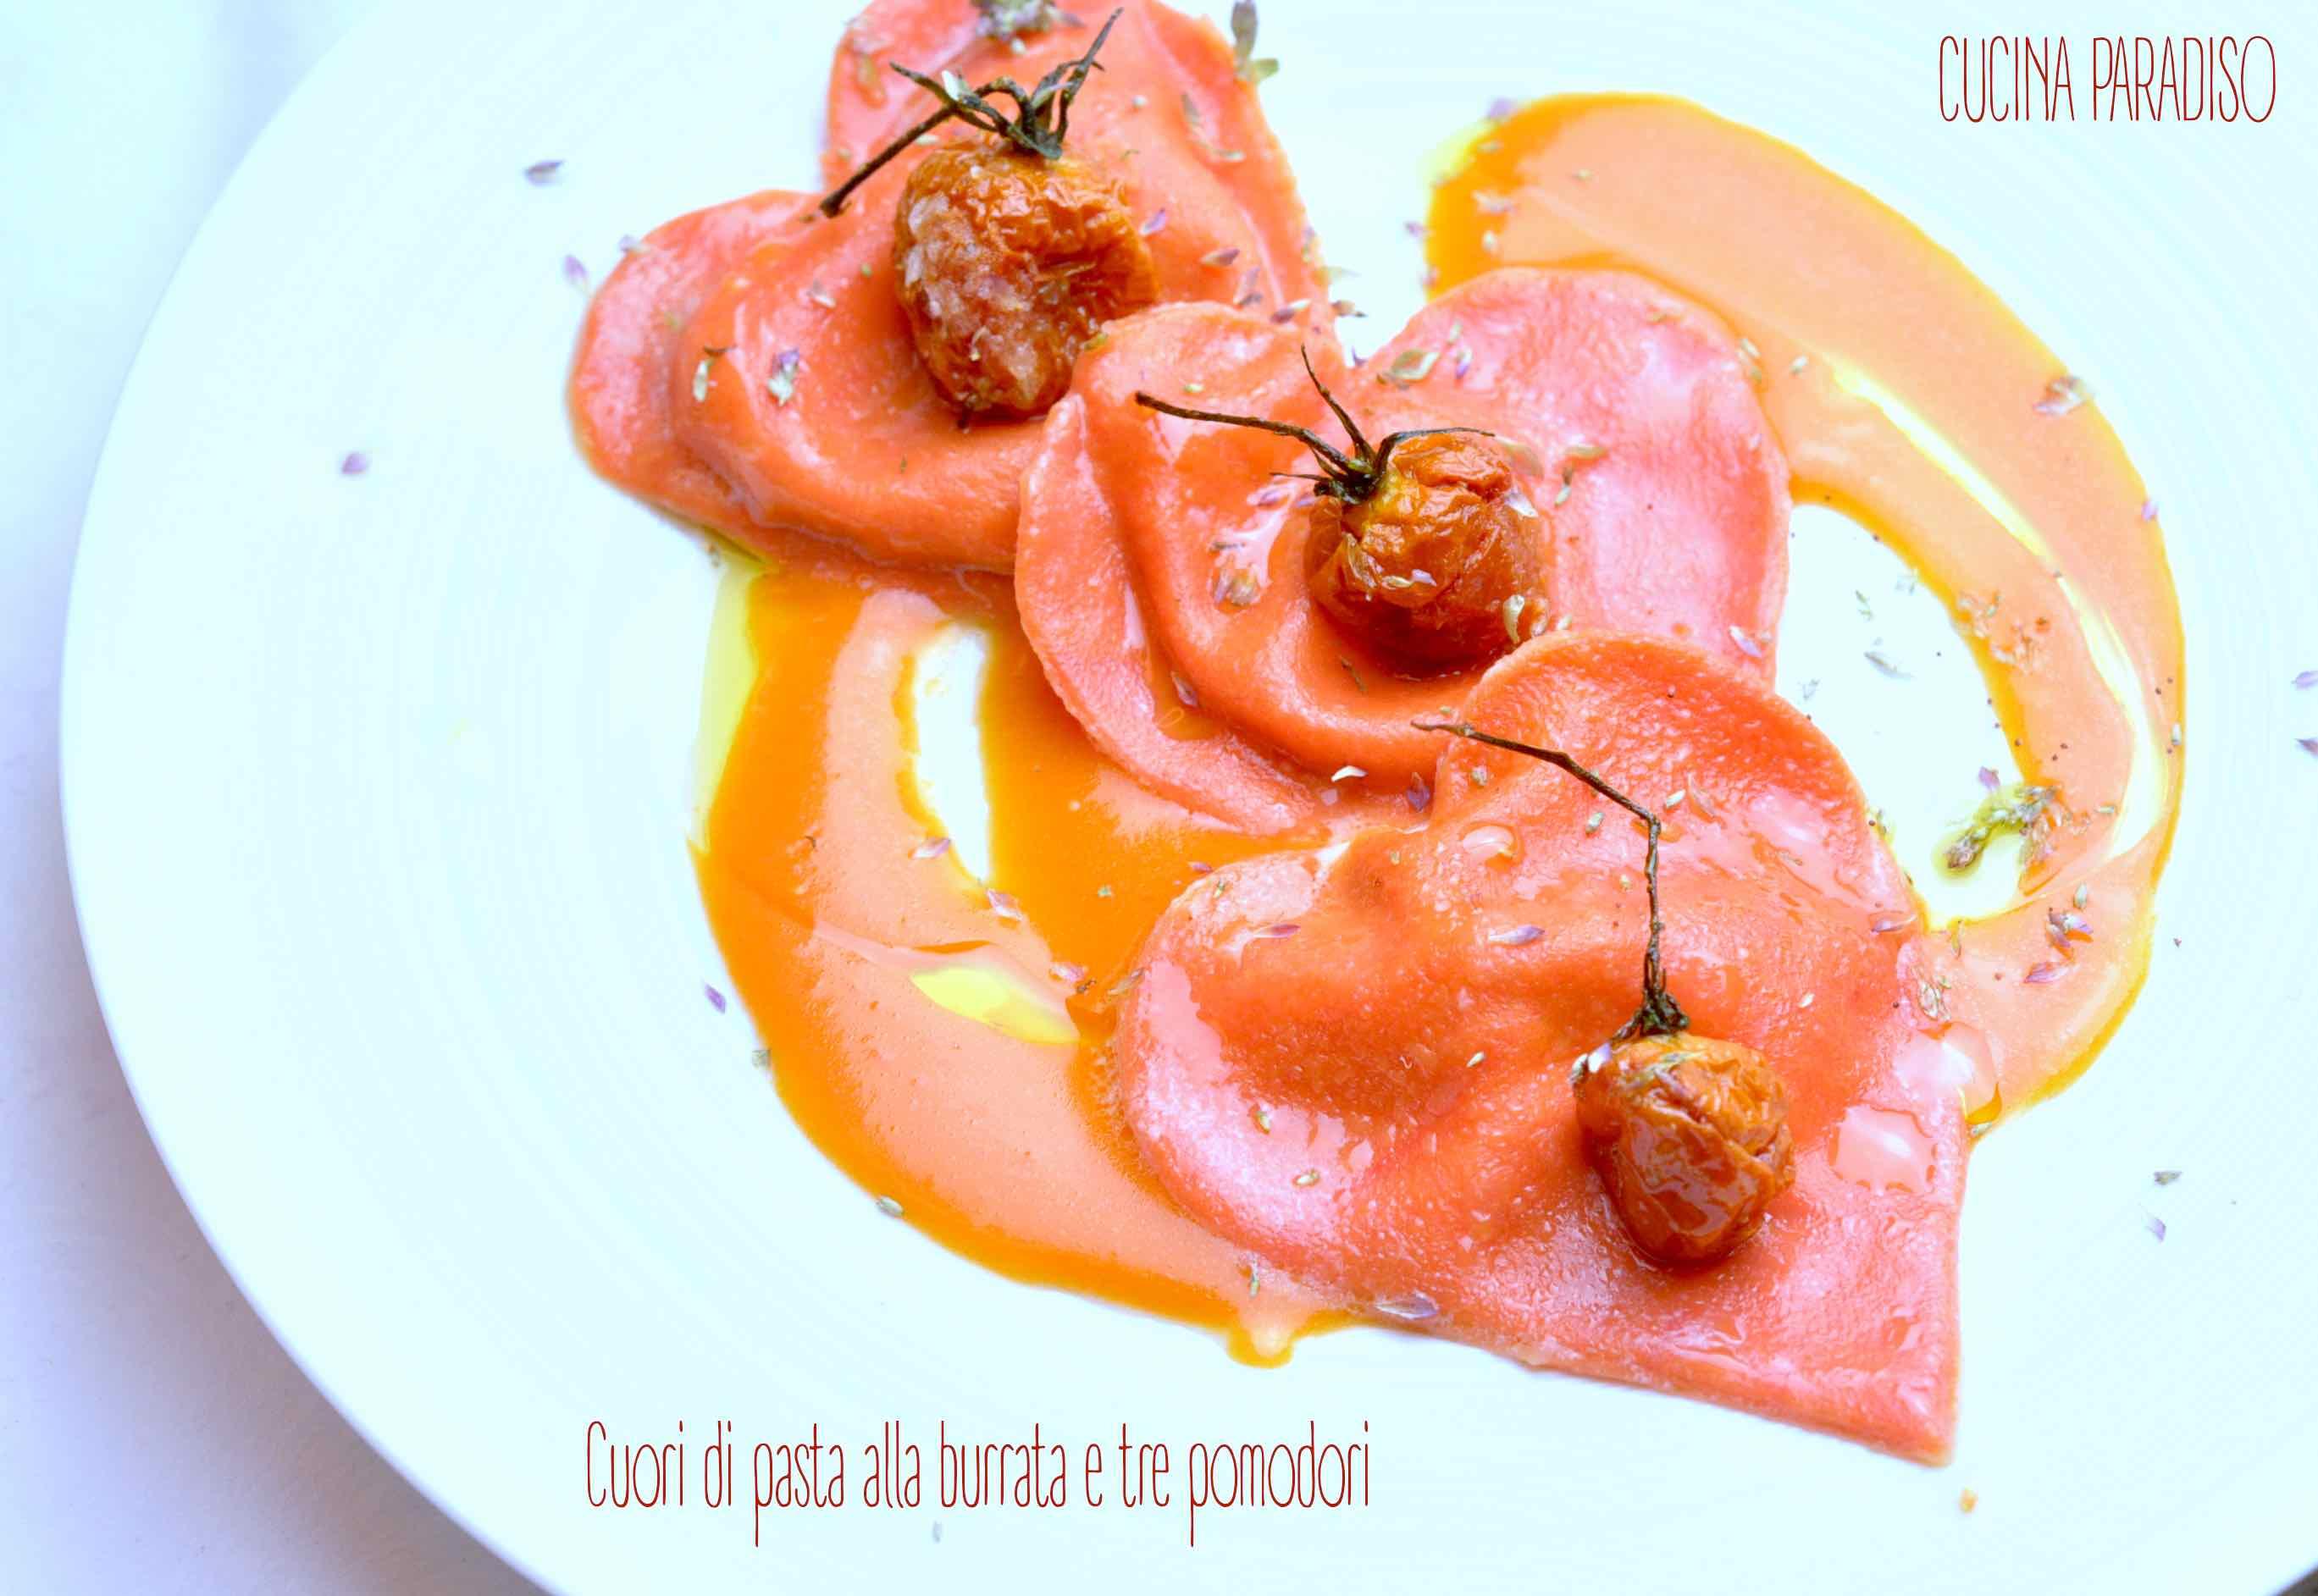 Cuori di pasta alla burrata e tre pomodori